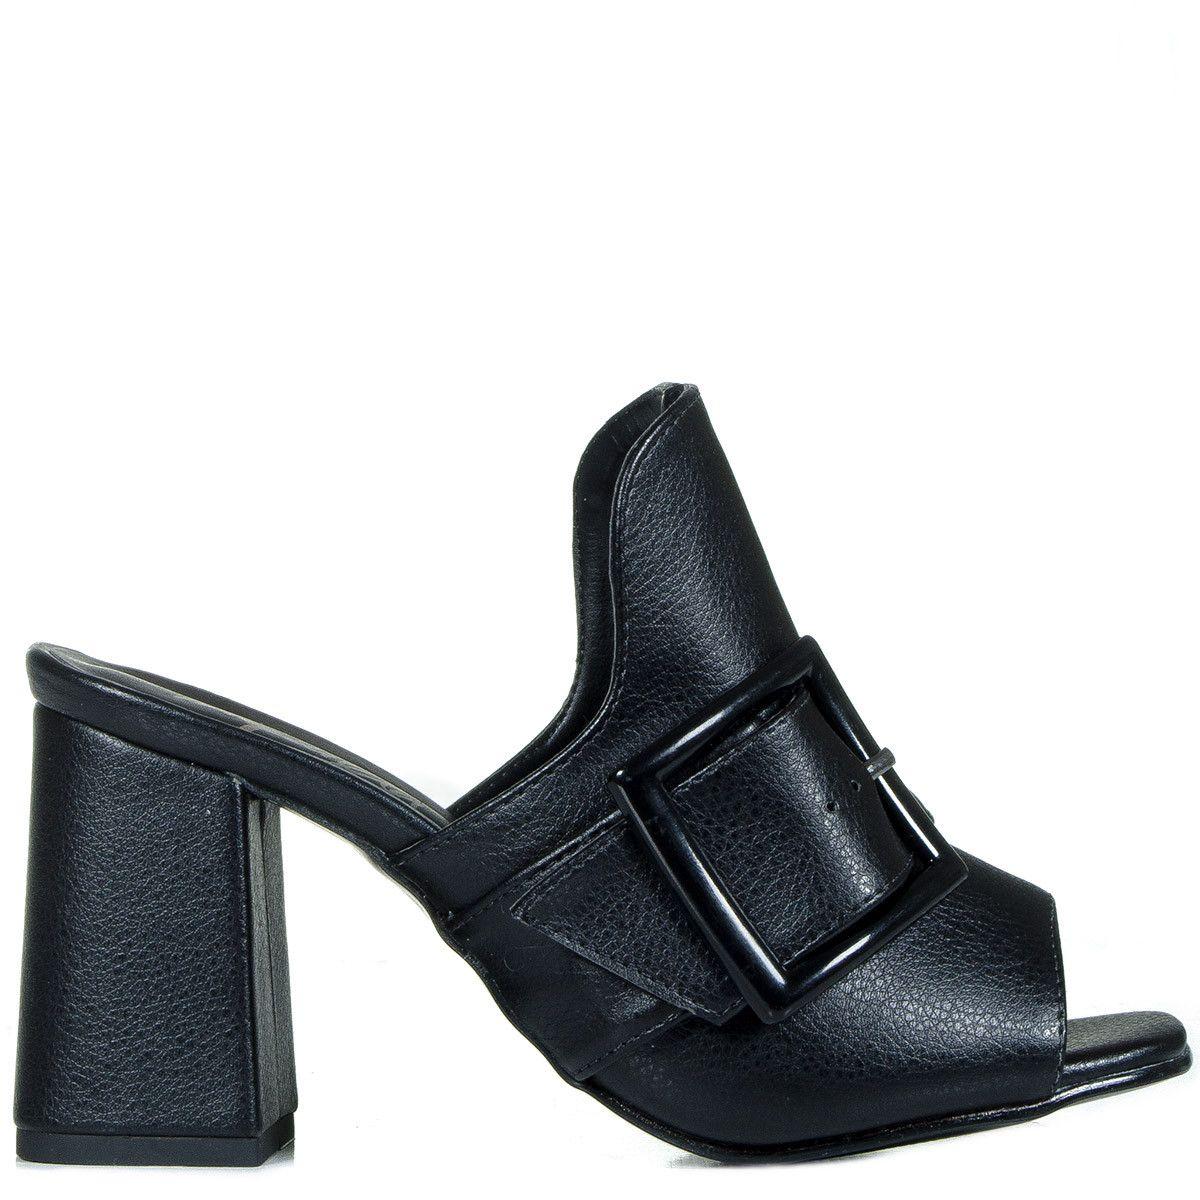 94285a40f2 Tamanco mule preto de napa com fivela lateral Taquilla - Taquilla  Calçados  femininos online